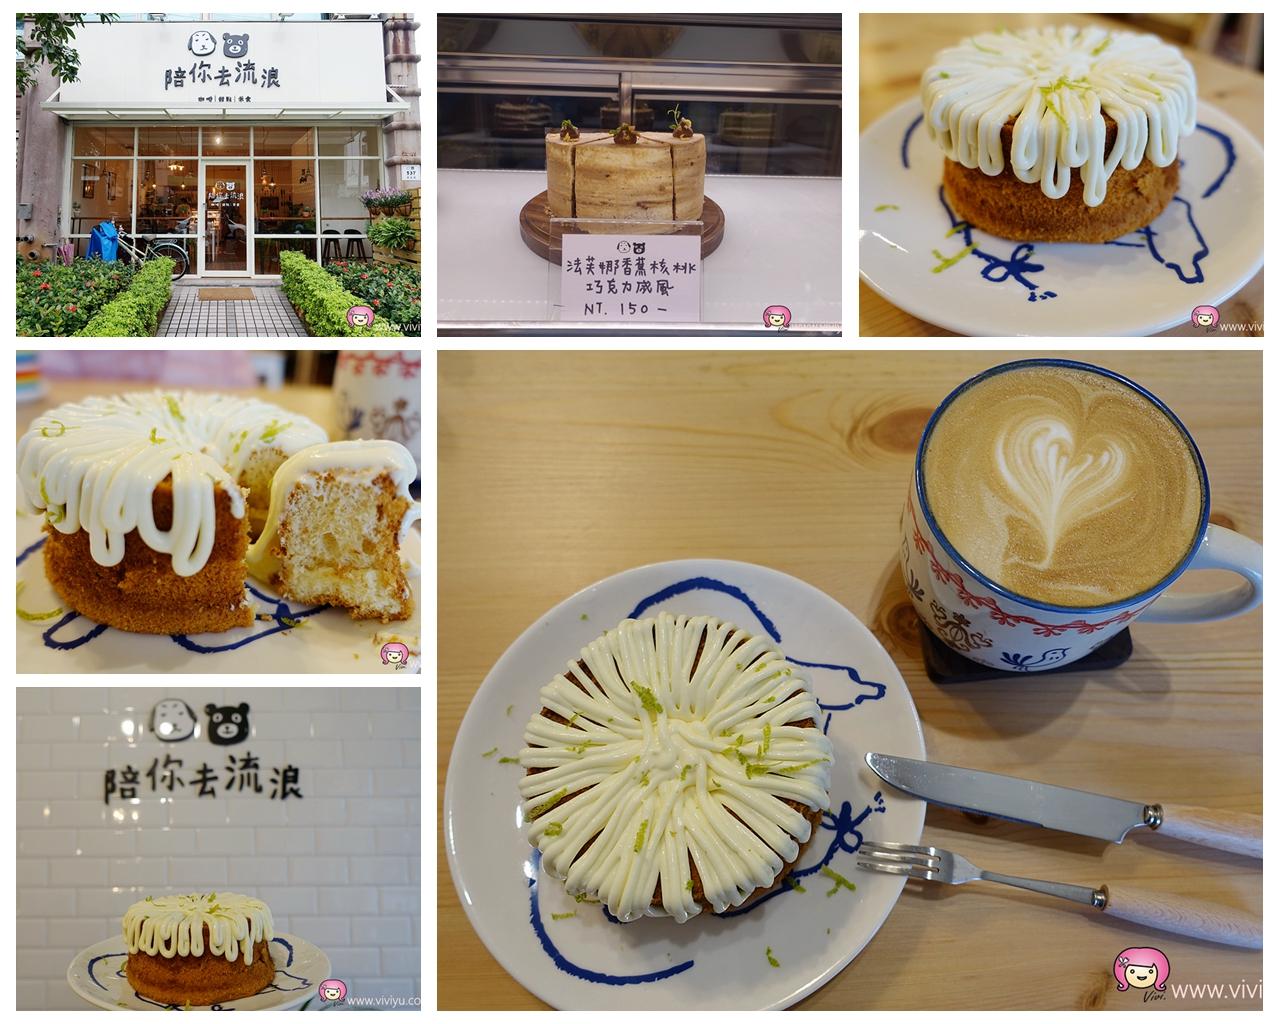 [桃園美食]陪你去流浪.咖啡.甜點.米食~戚風蛋糕軟綿綿.每日限量推出